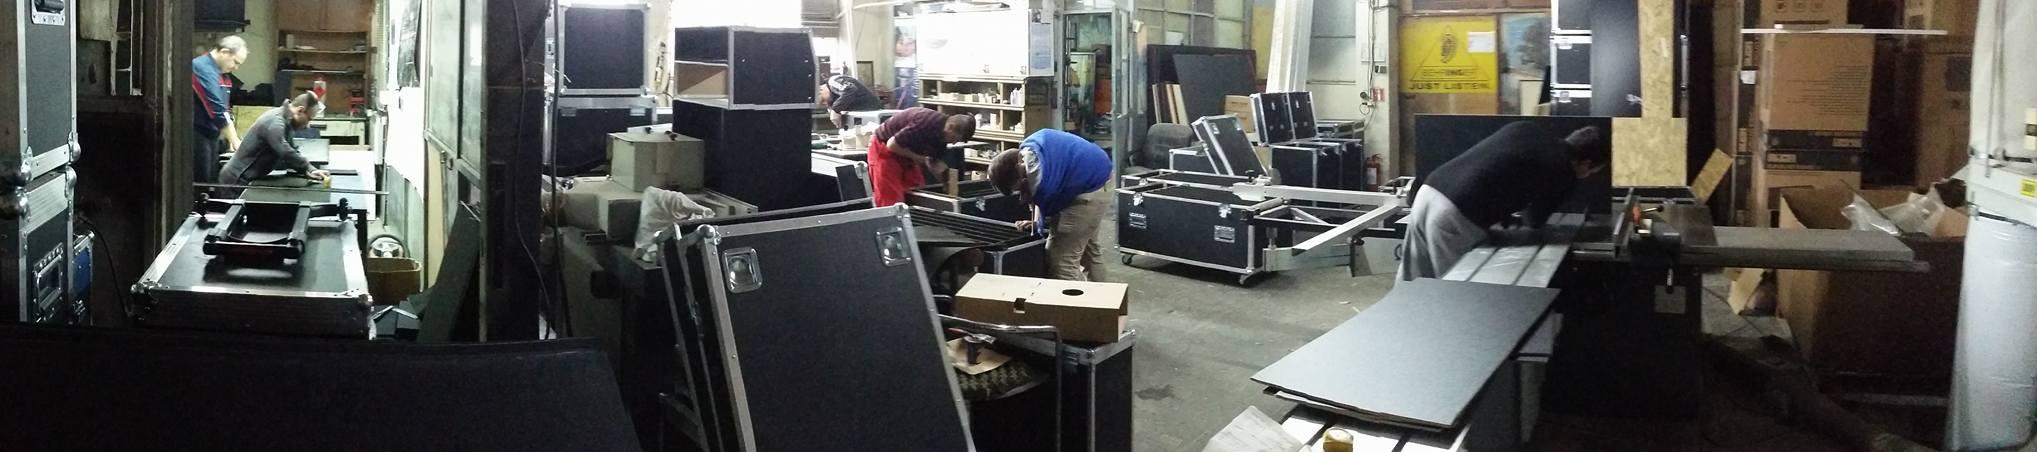 productie atelier case-uri